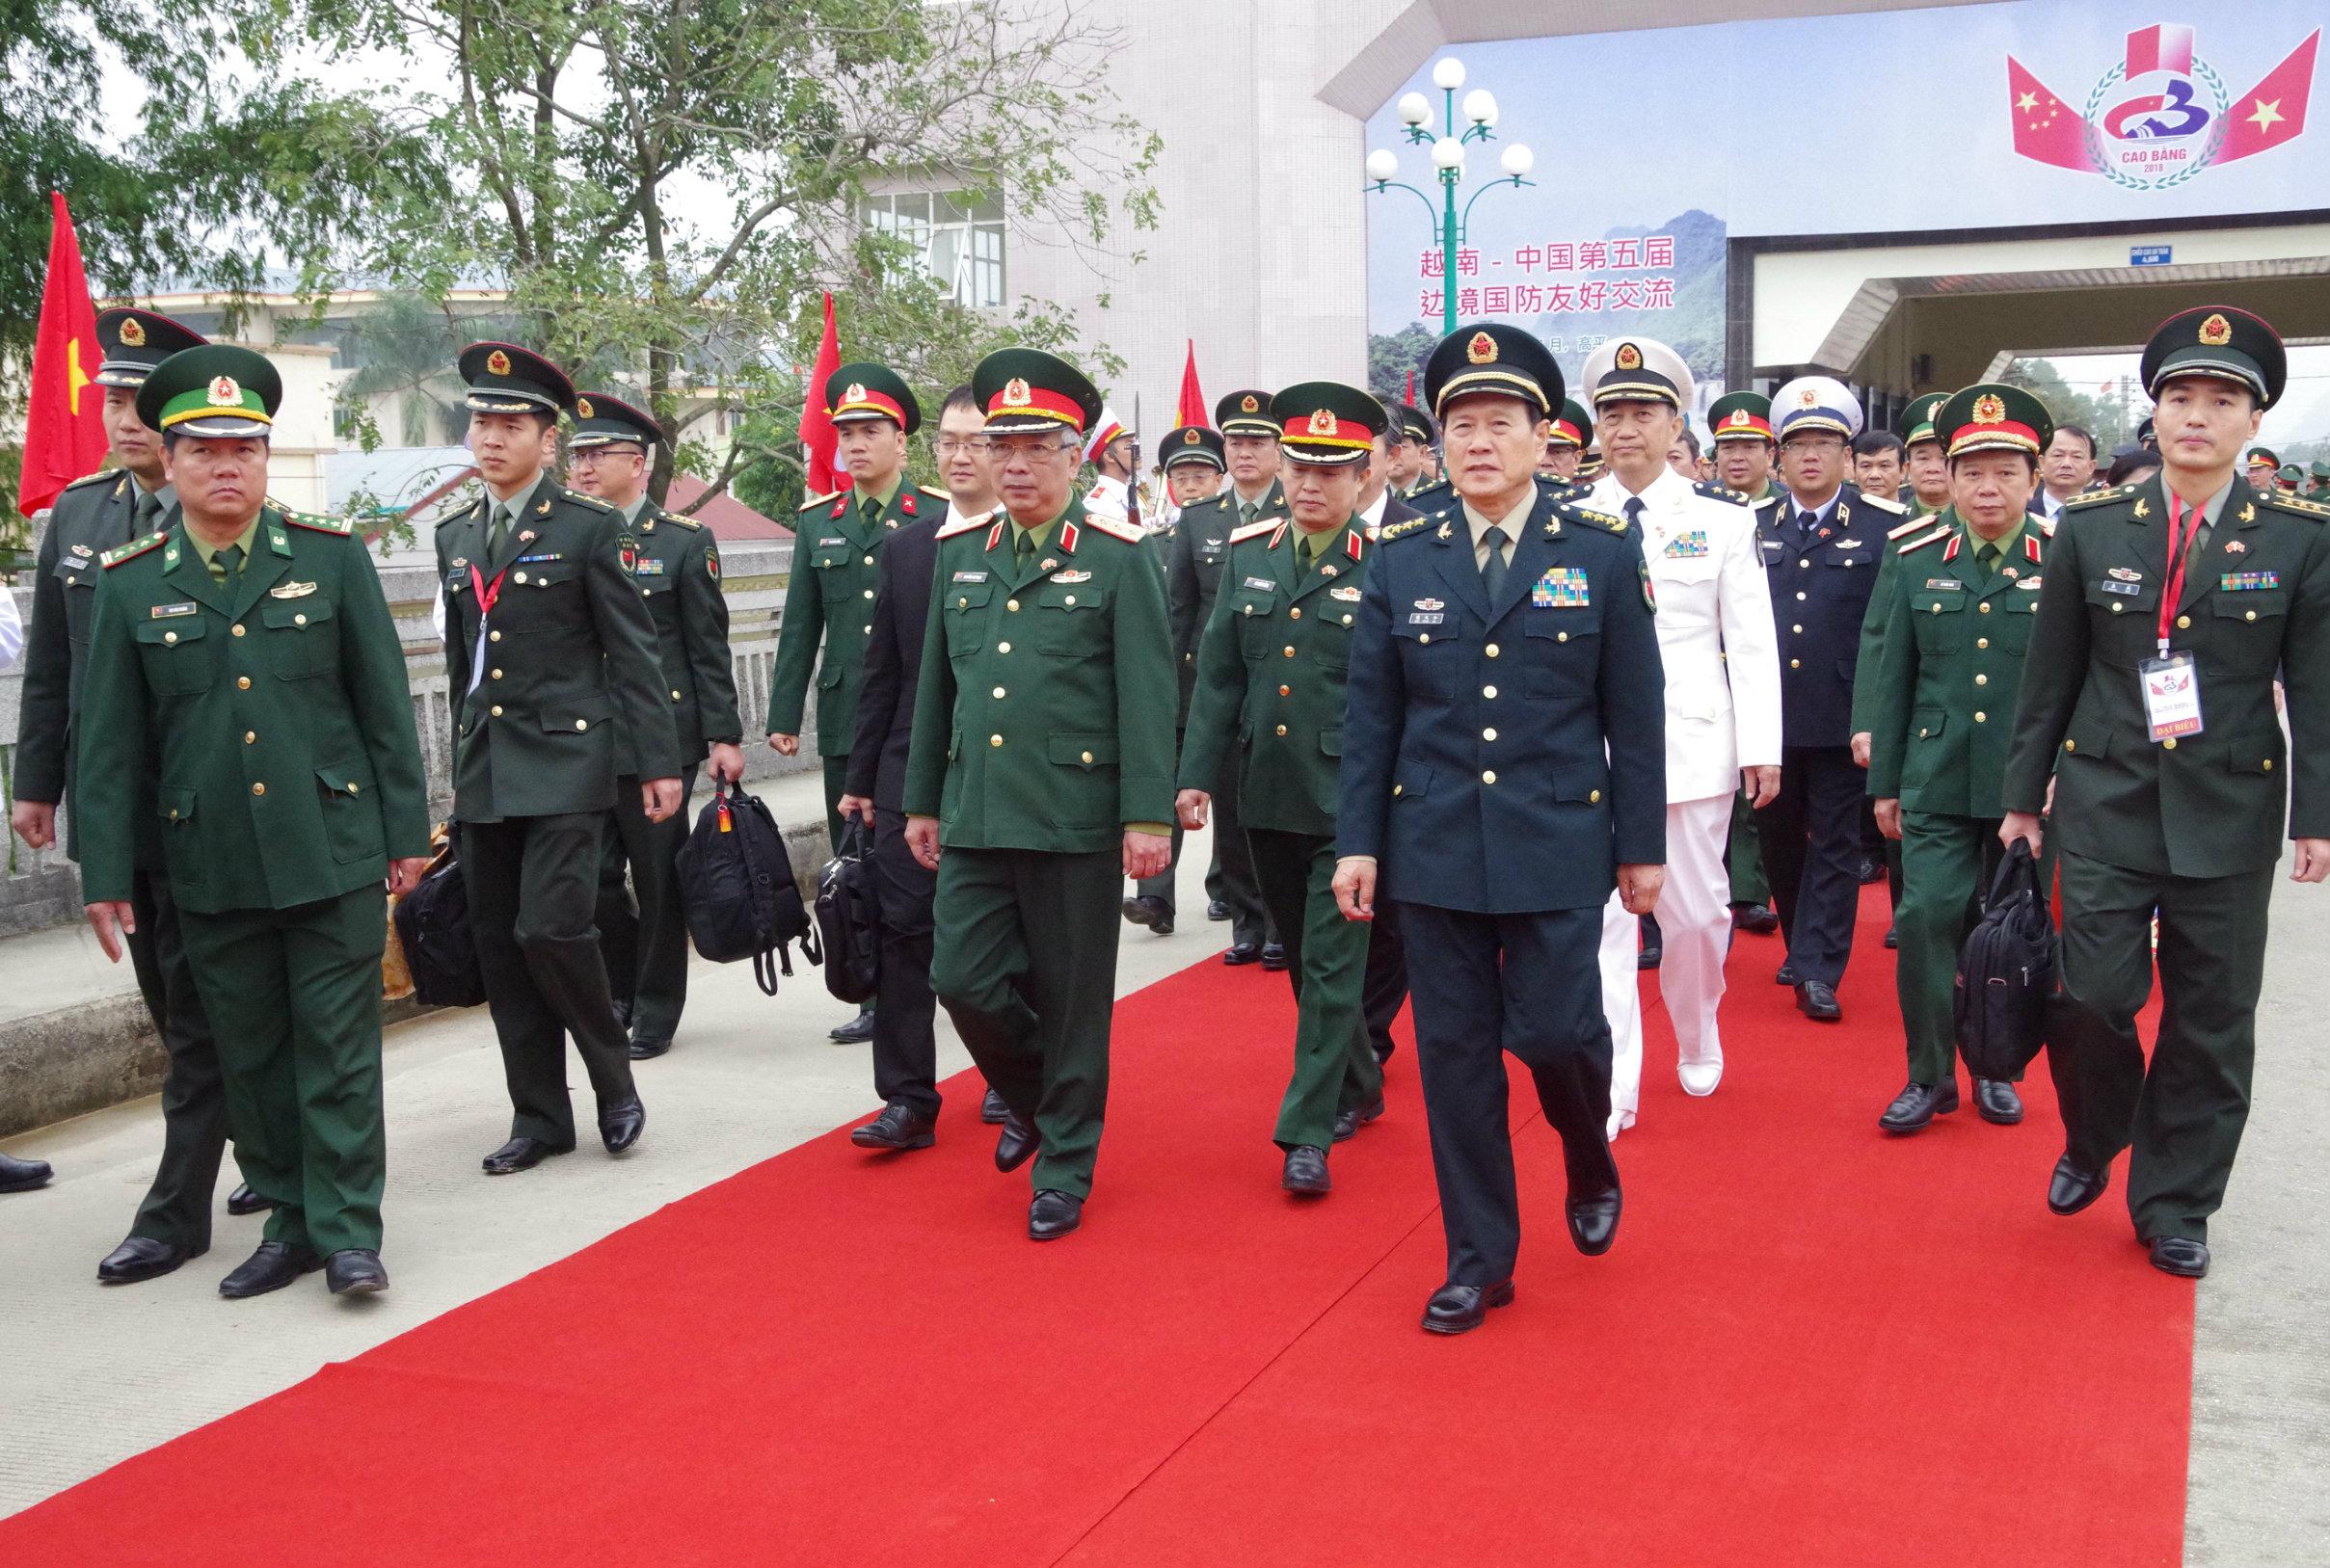 Kết thúc tốt đẹp chương trình quotGiao lưu hữu nghị Quốc phòng biên giới Việt Nam - Trung Quốcquot lần thứ 5